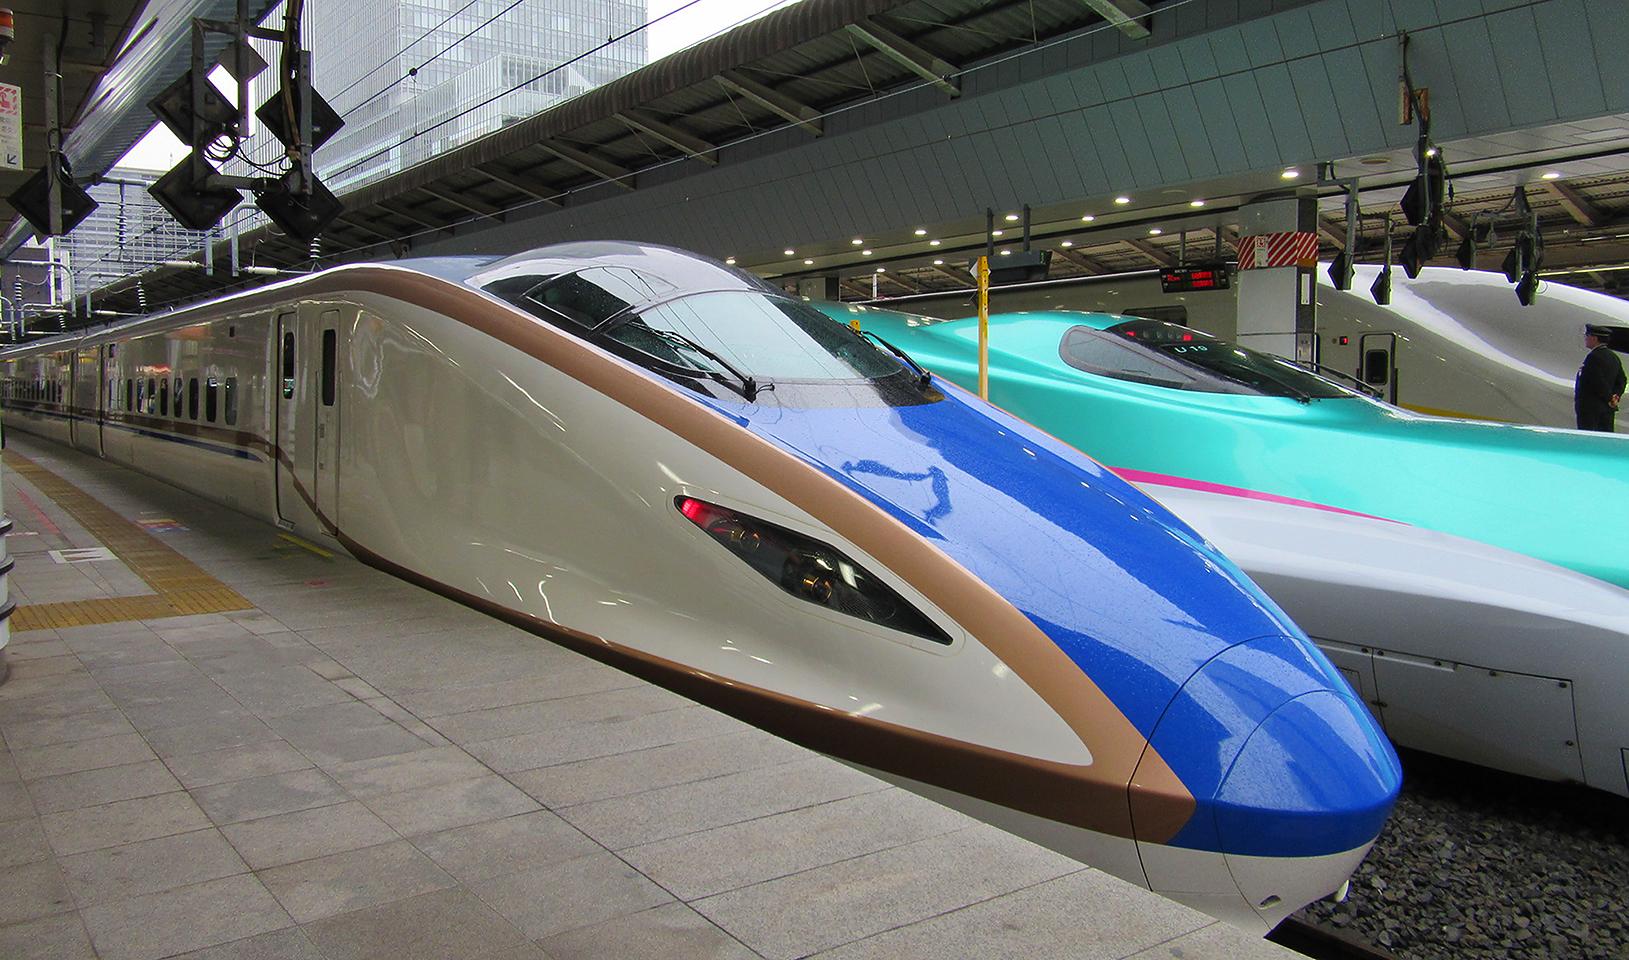 http://moritetsu.info/train/img/IMG_6300sssss.jpg